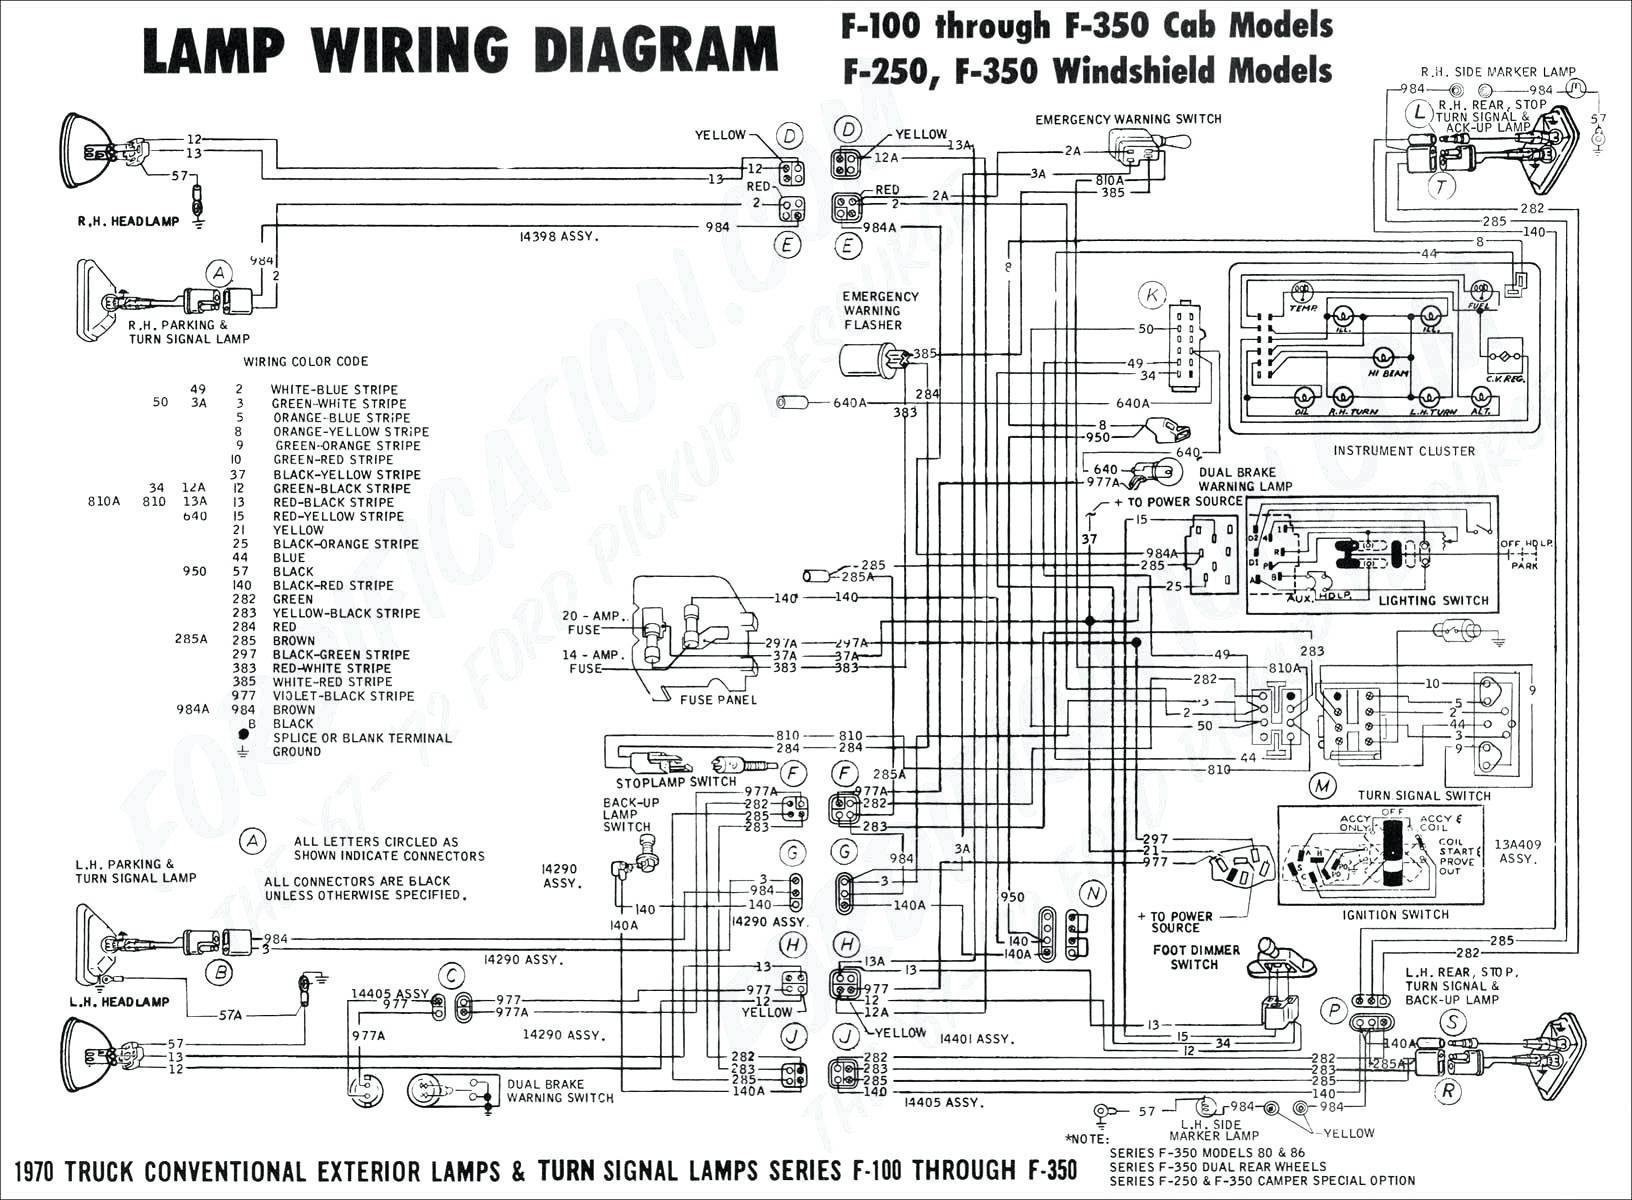 Wiring Diagram 96 Oldsmobile 88 Wiring Diagram Basic Wiring Diagram 96 Oldsmobile 88